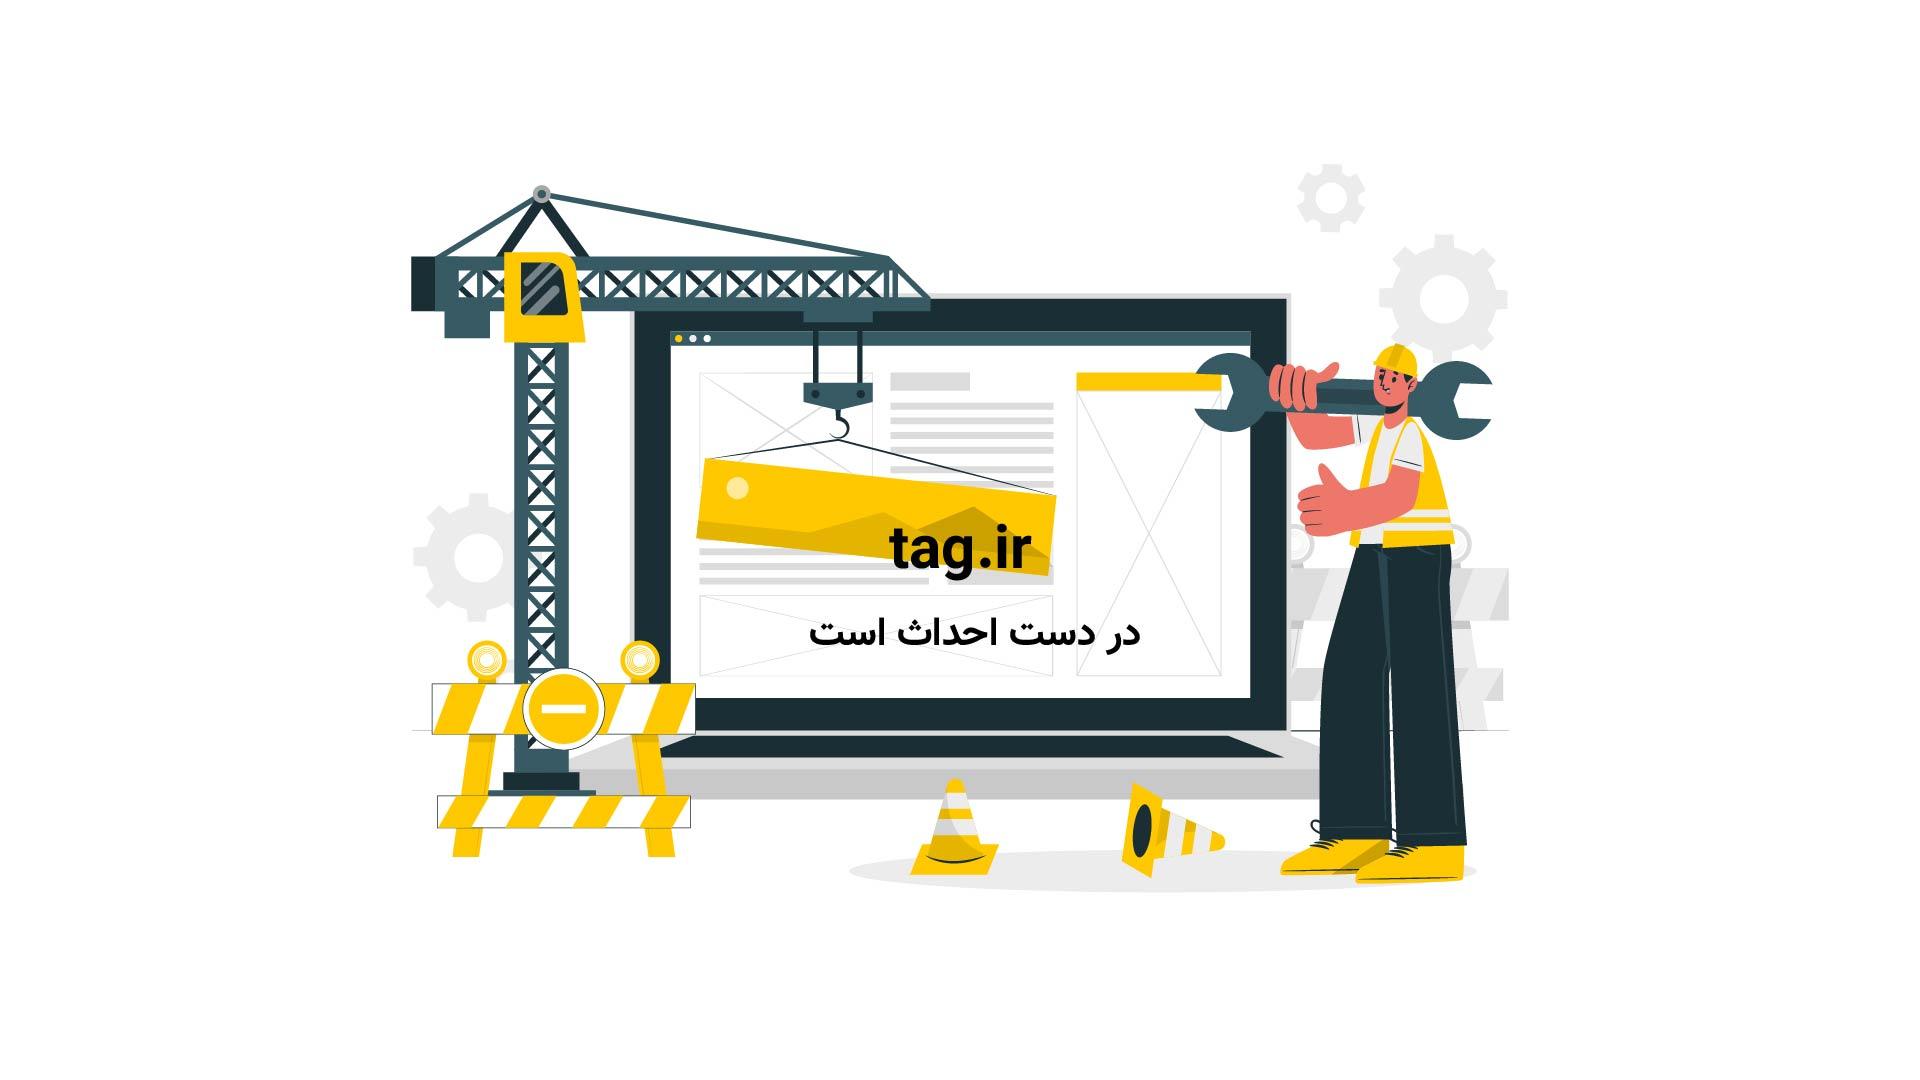 خلق نقاشی های زیبا با شن | فیلم